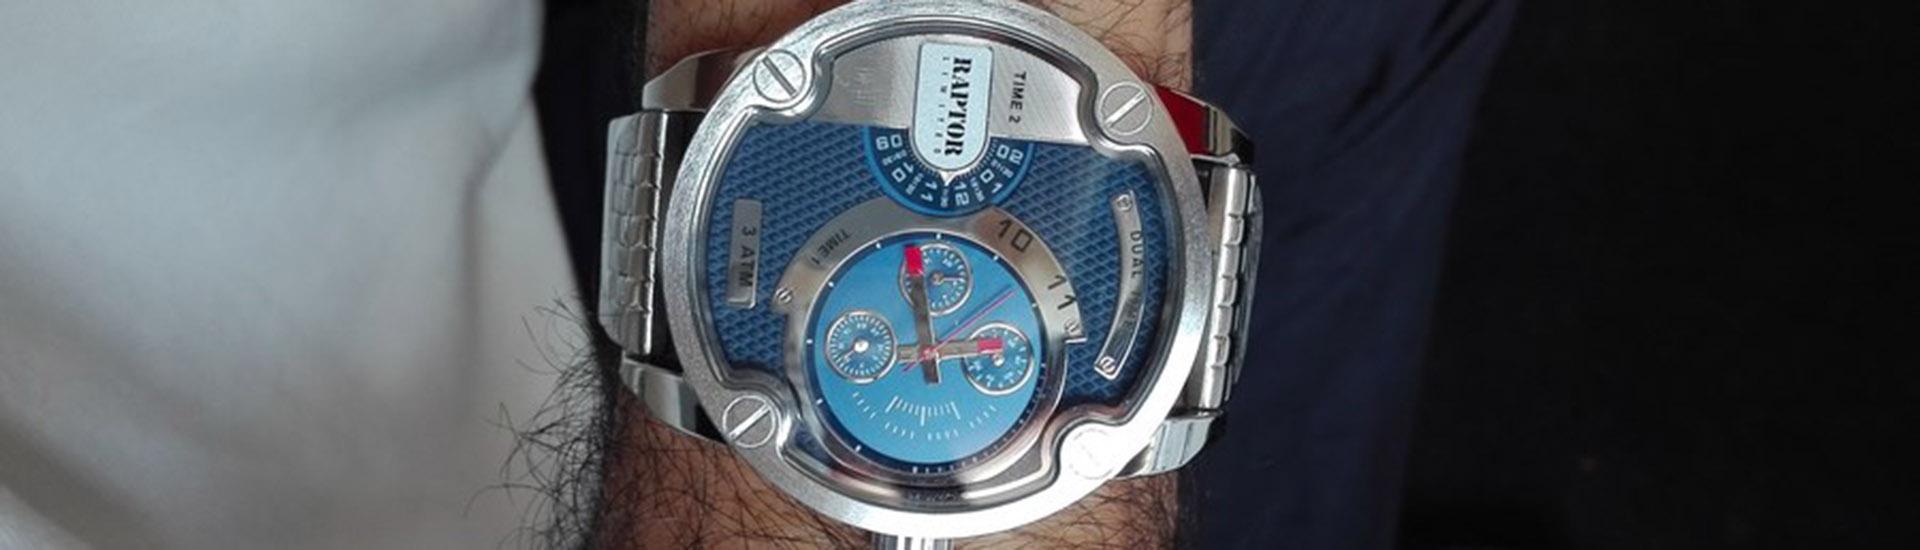 Ρολόι... η ανδρική γοητεία!